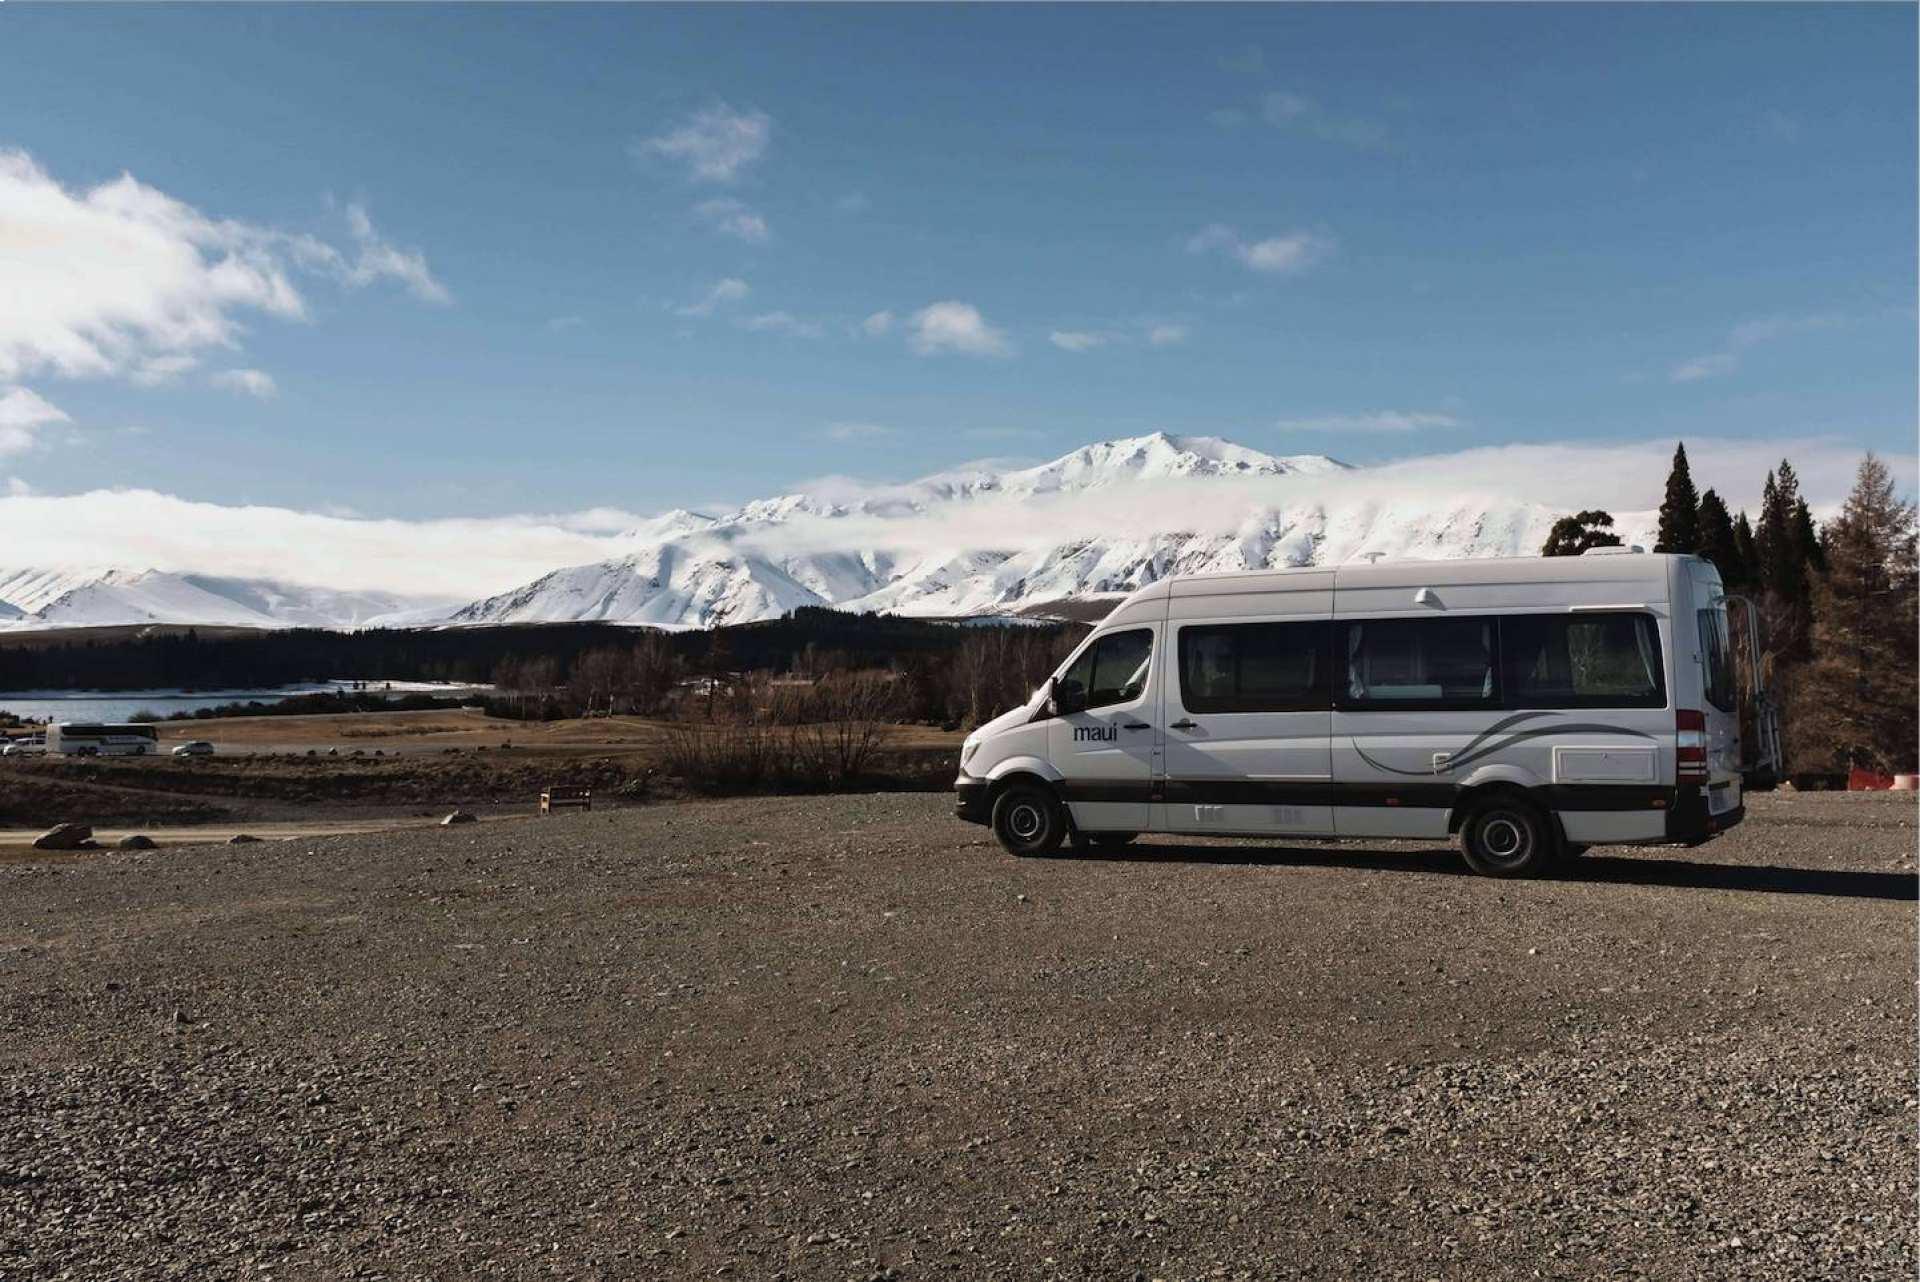 【紐西蘭租車】MAUI 兩人座至尊型露營車(奧克蘭取 / 奧克蘭還)